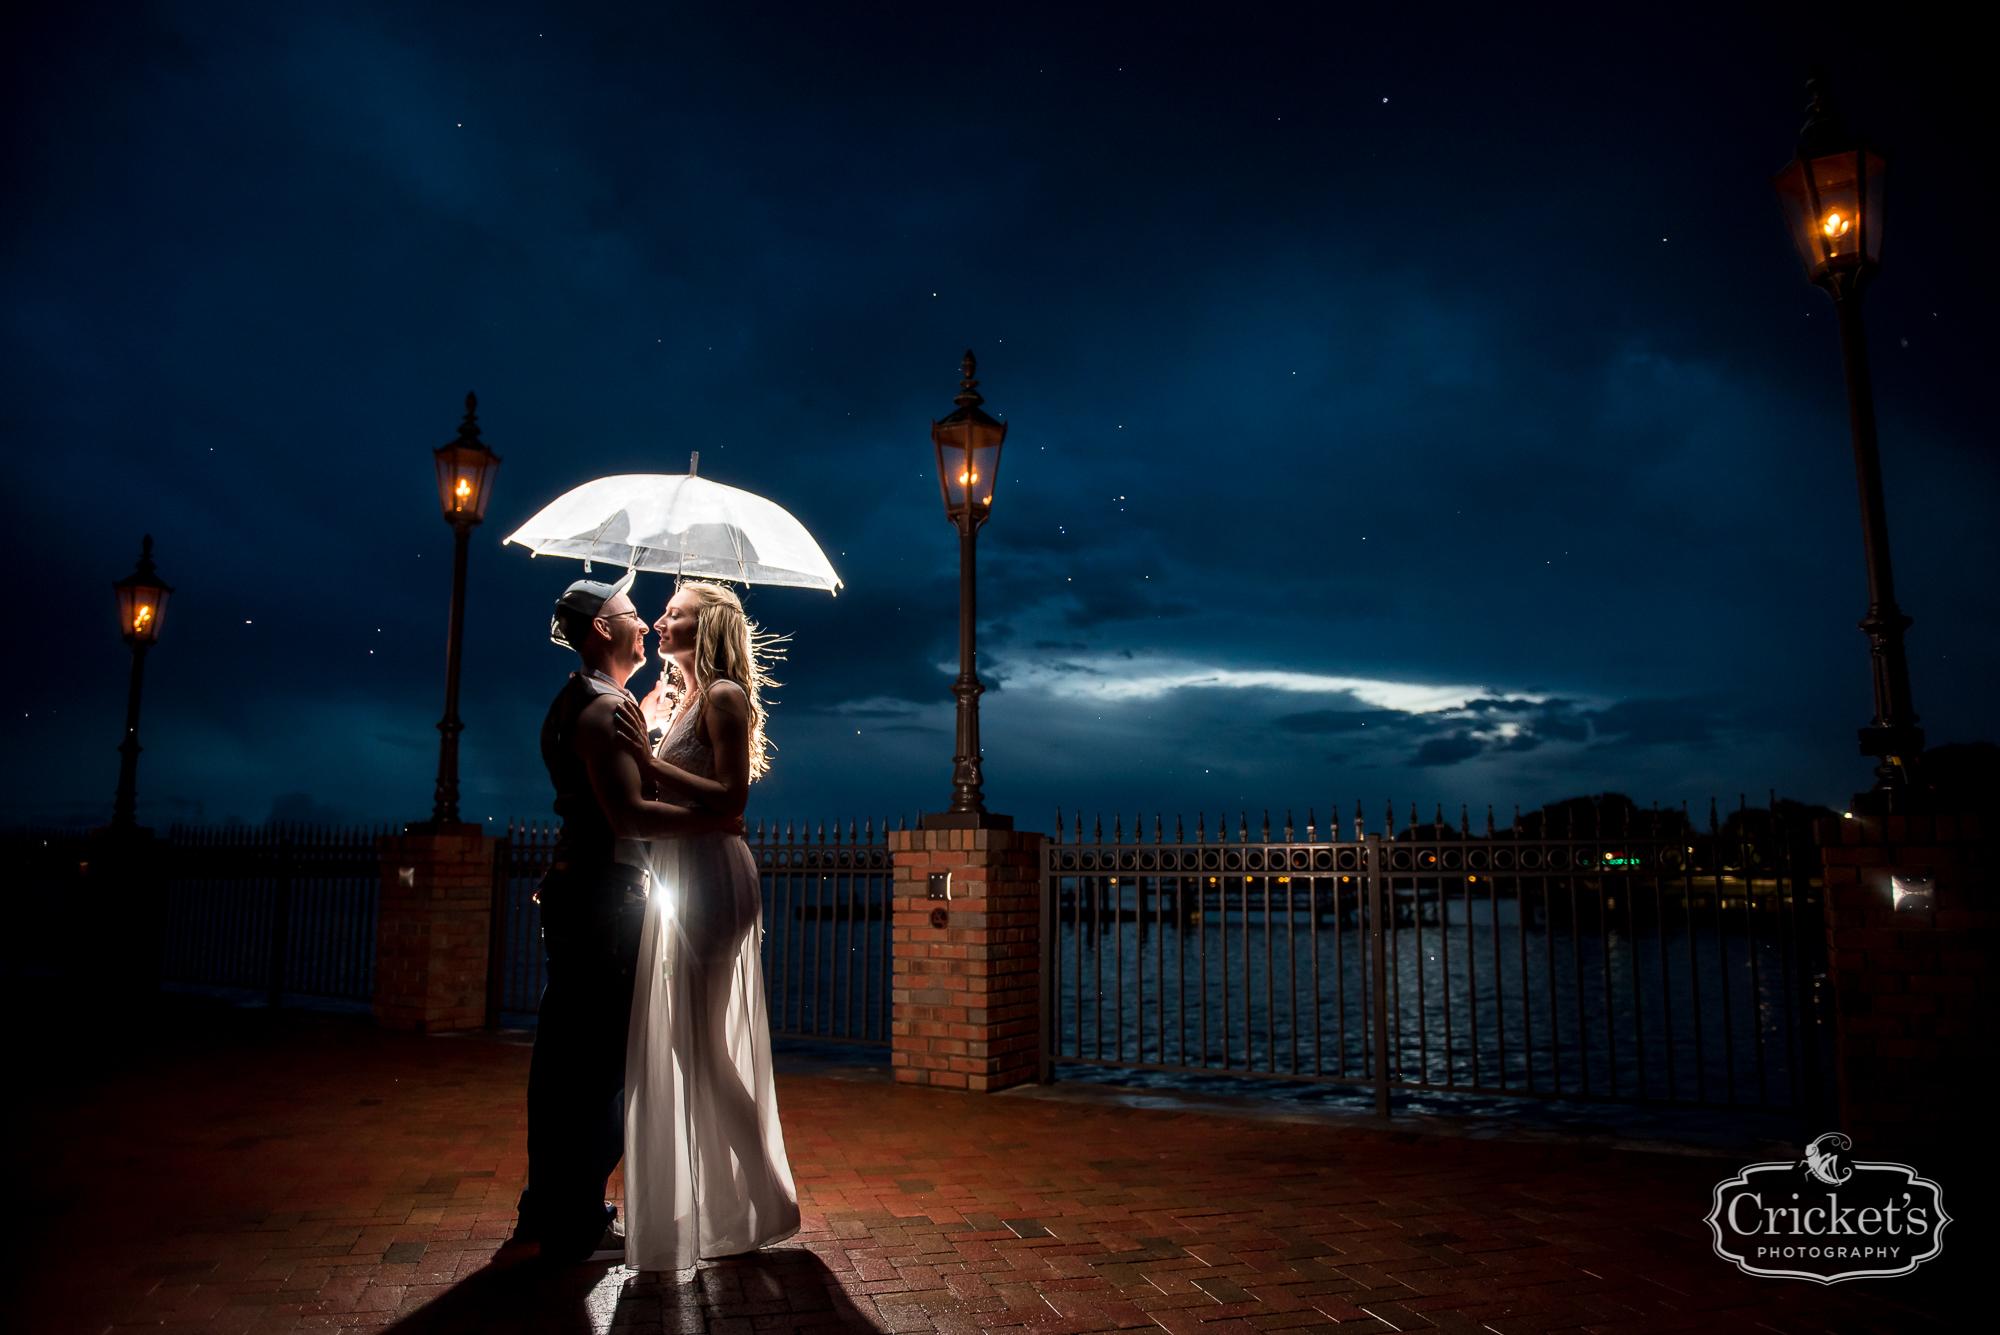 tavares pavilion on the lake wedding photography